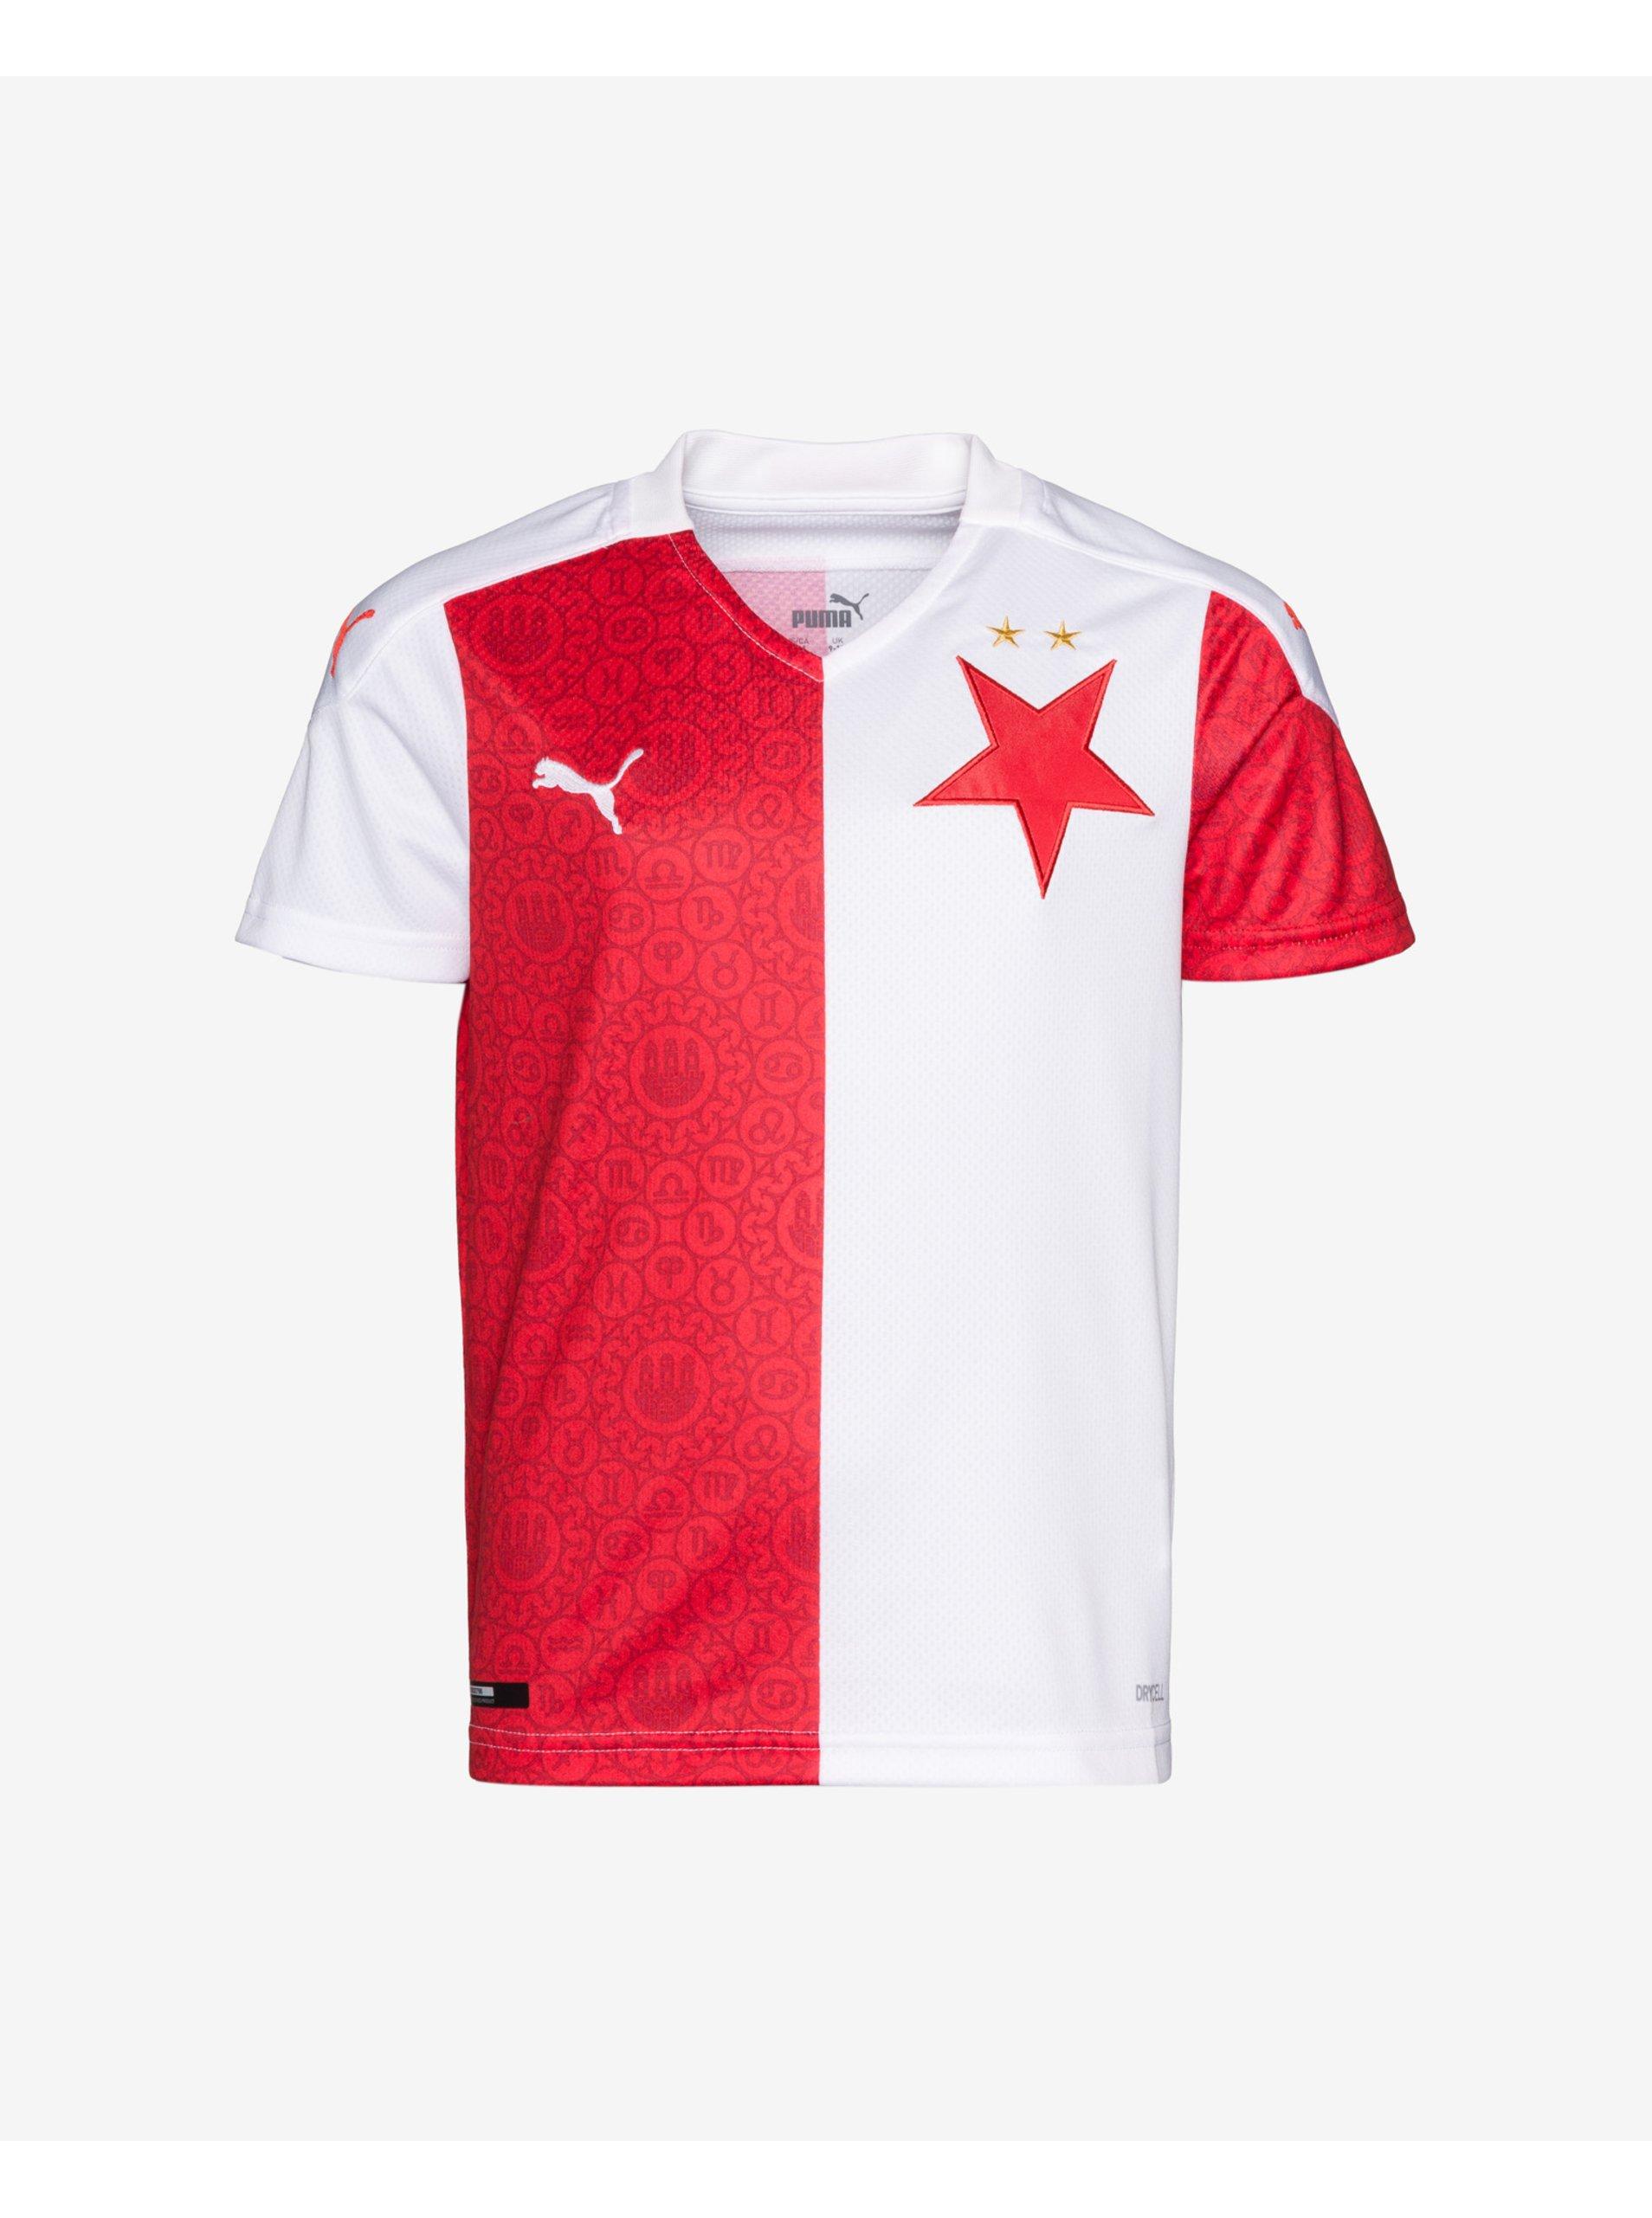 SK Slavia Home Replica Jr Triko dětské Puma